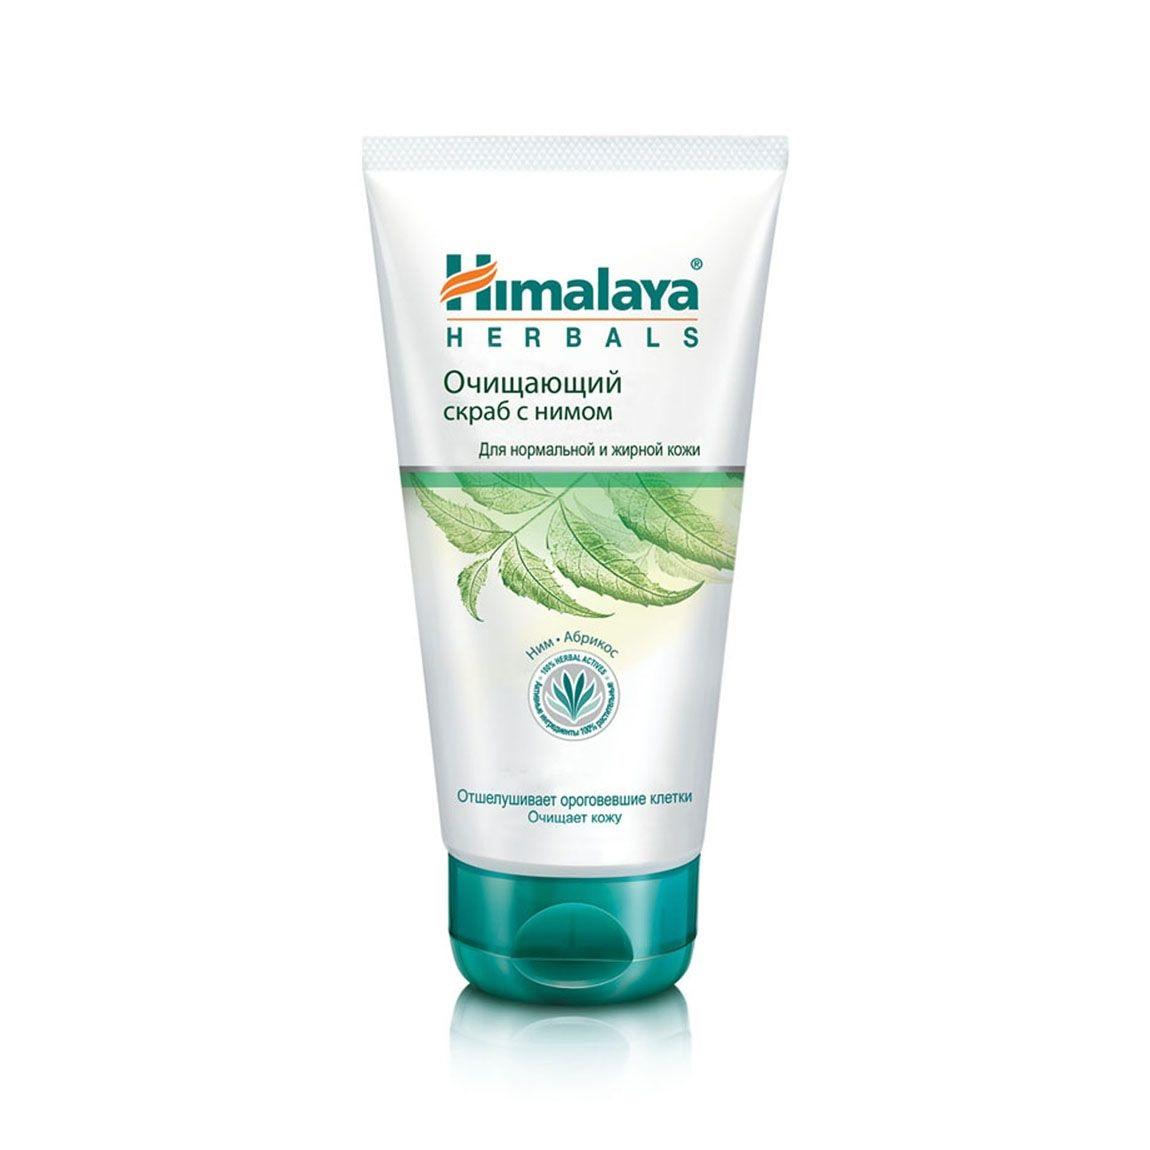 Himalaya (хималая) очищающий скраб с нимом купить, цена в интернет магазине only-fresh.ru натуральной косметики, отзывы, рейтинг.